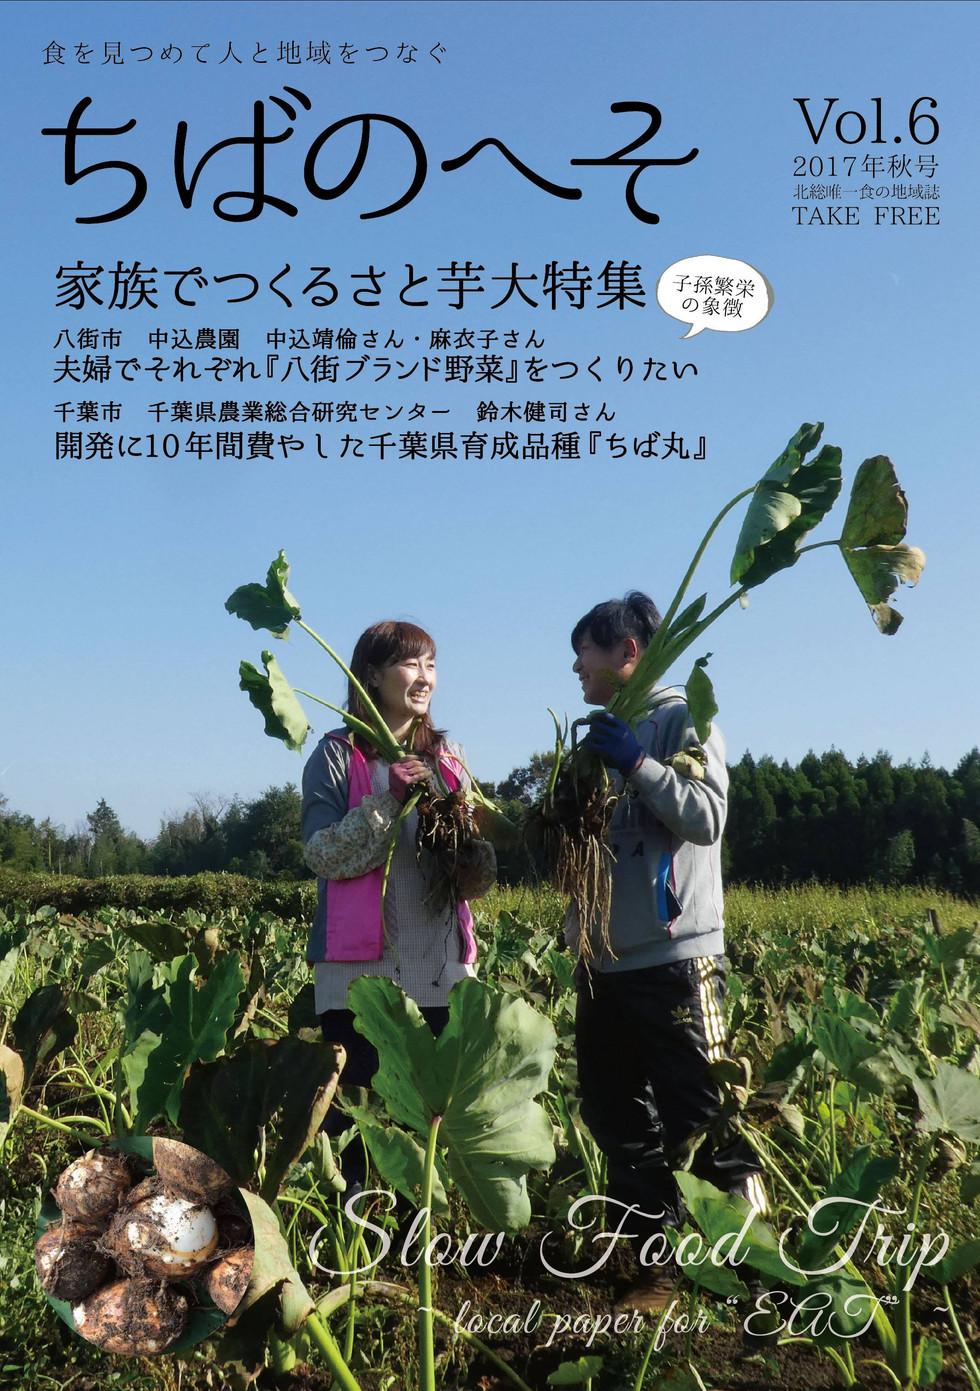 さと芋号 Vol.6